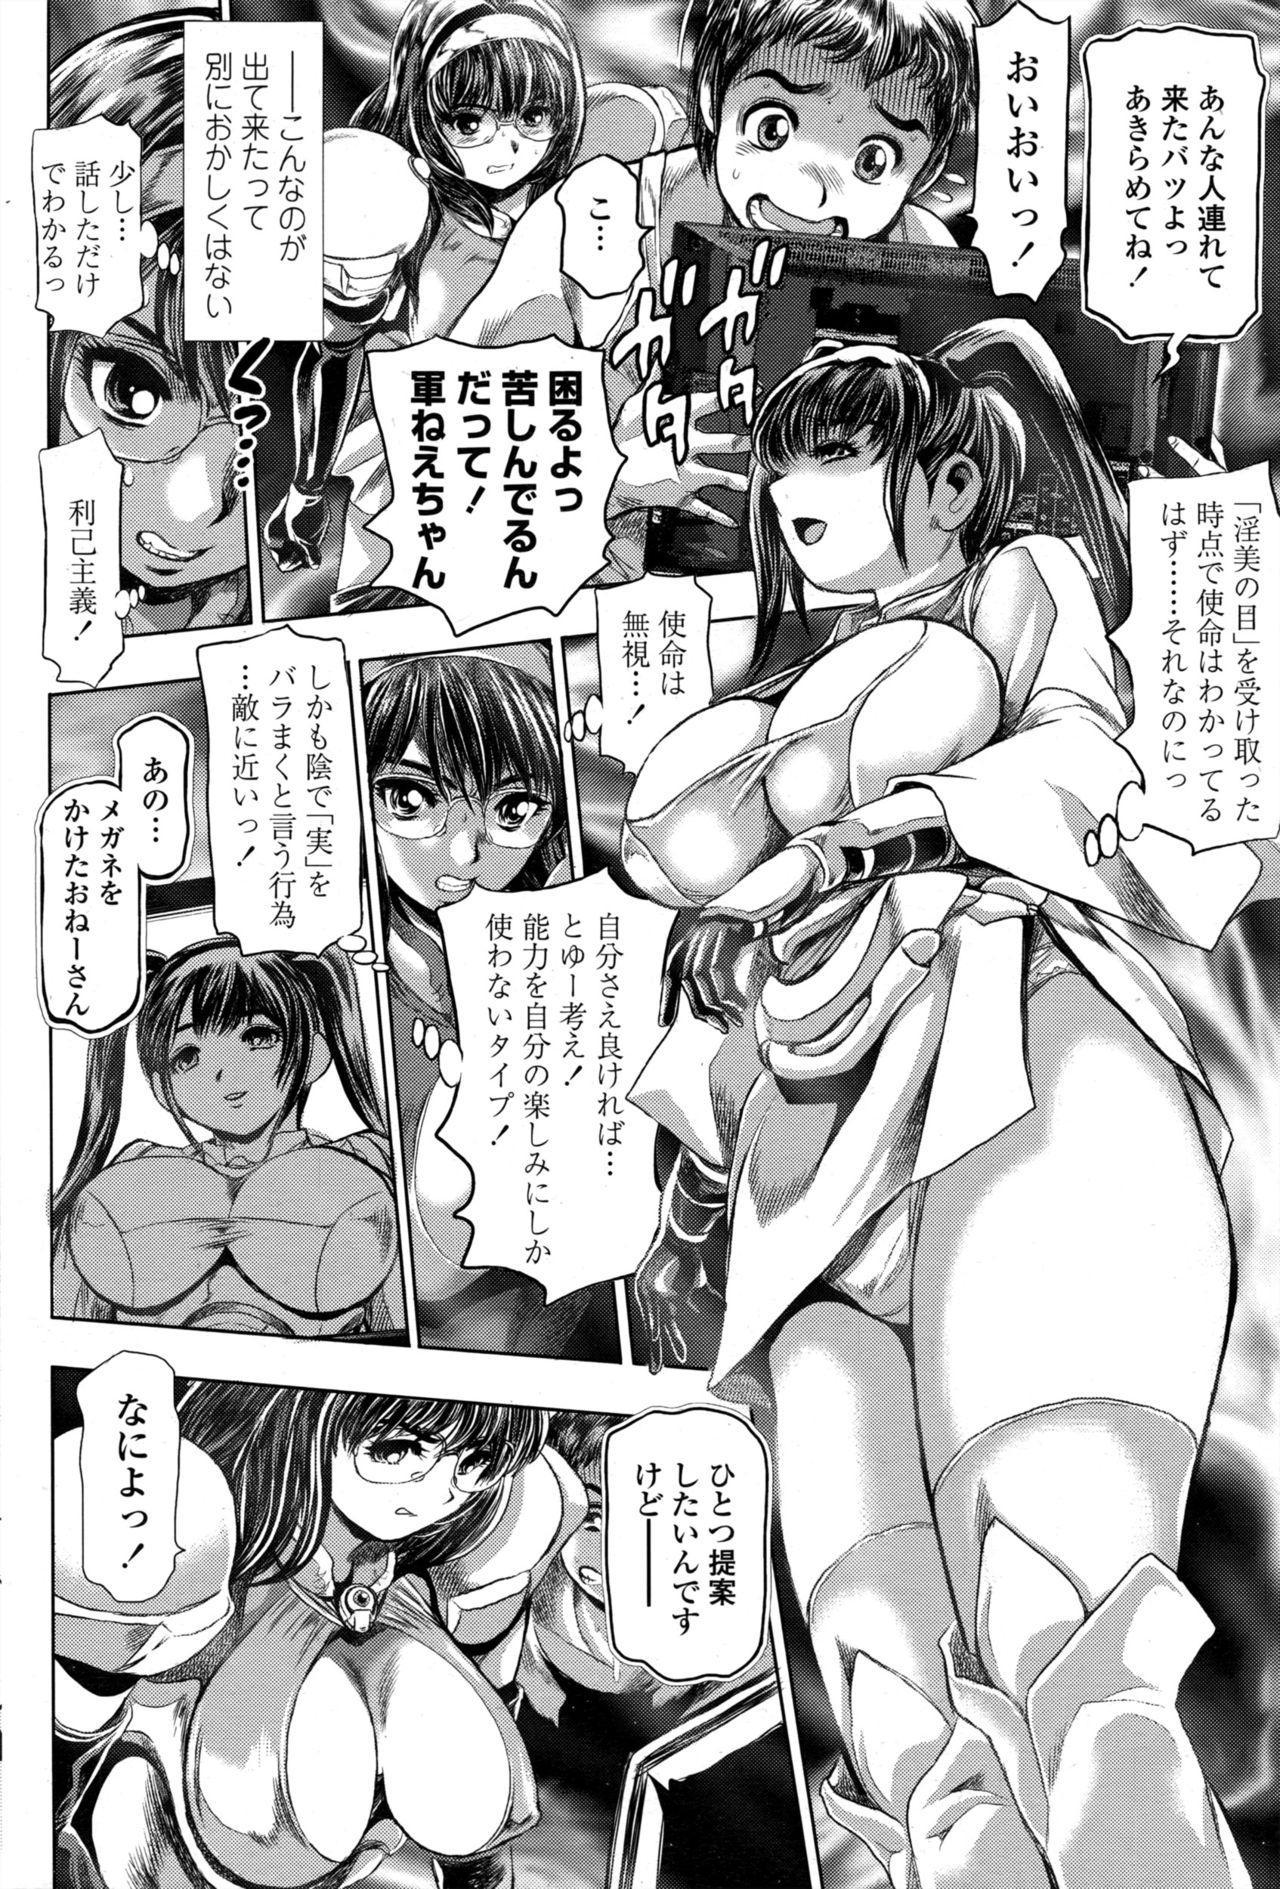 Keiko no Iru Machi S Ch. 1-10 127